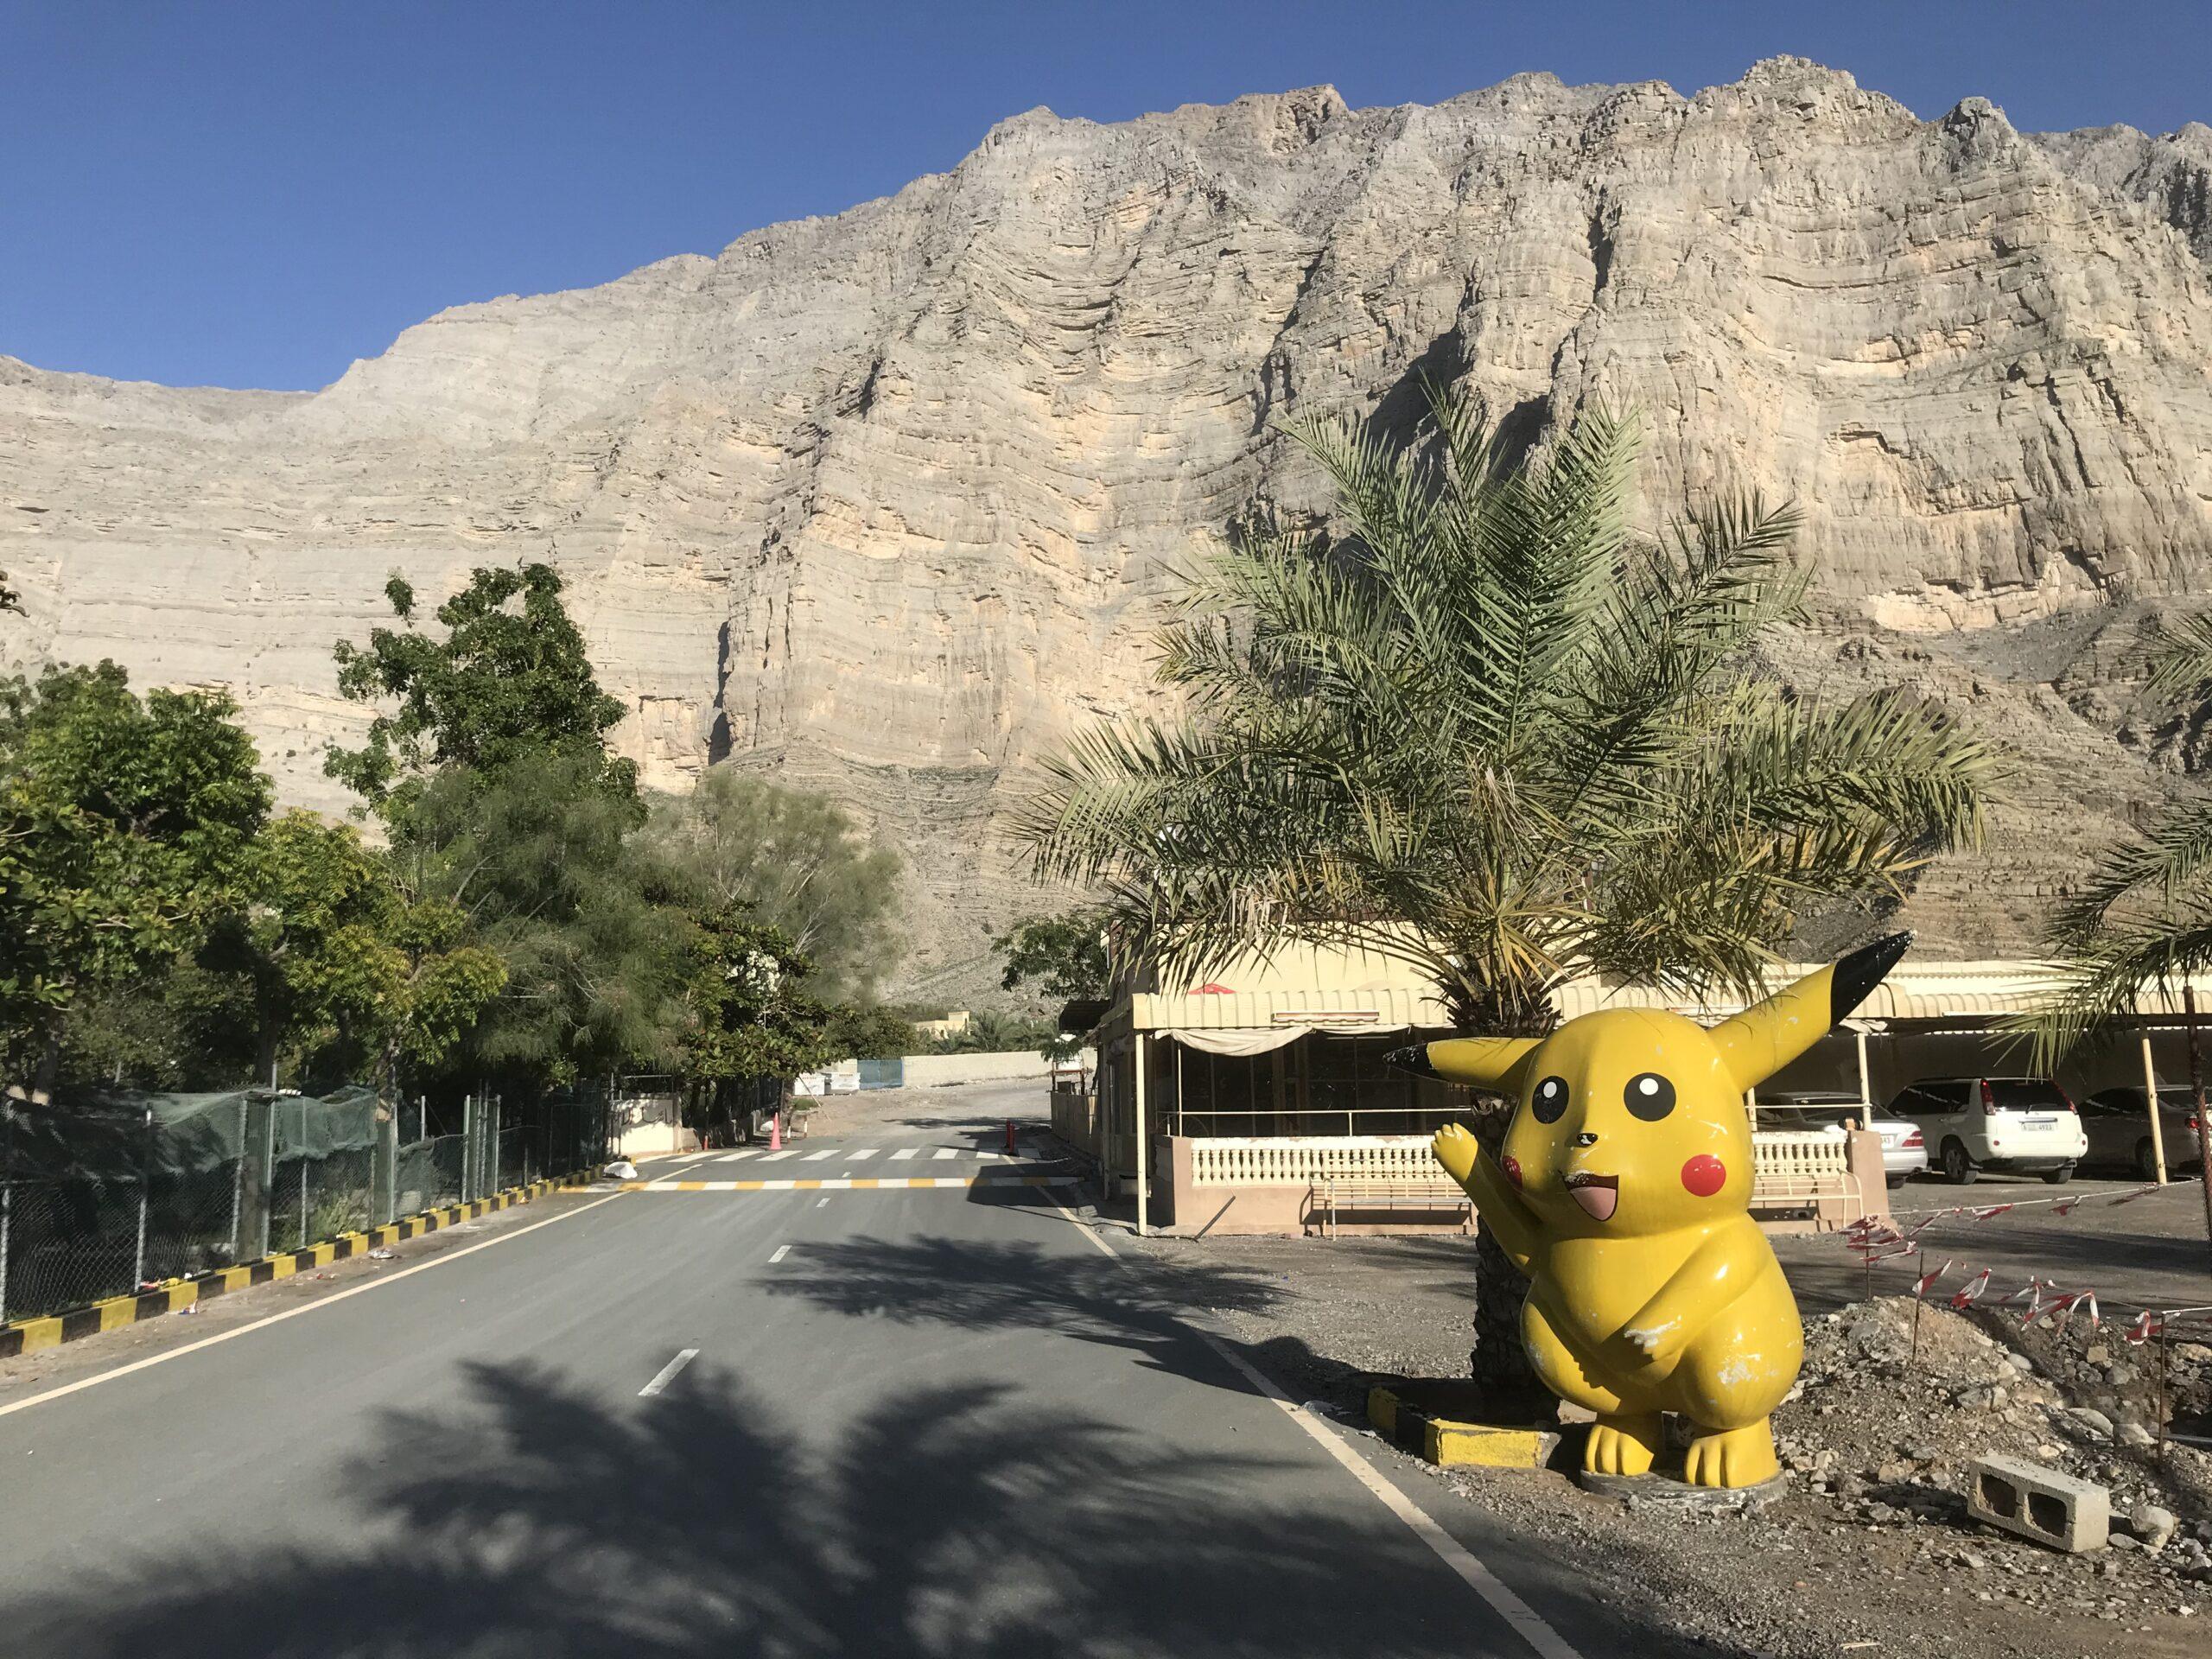 Statue of Pokemon character,Pikachu